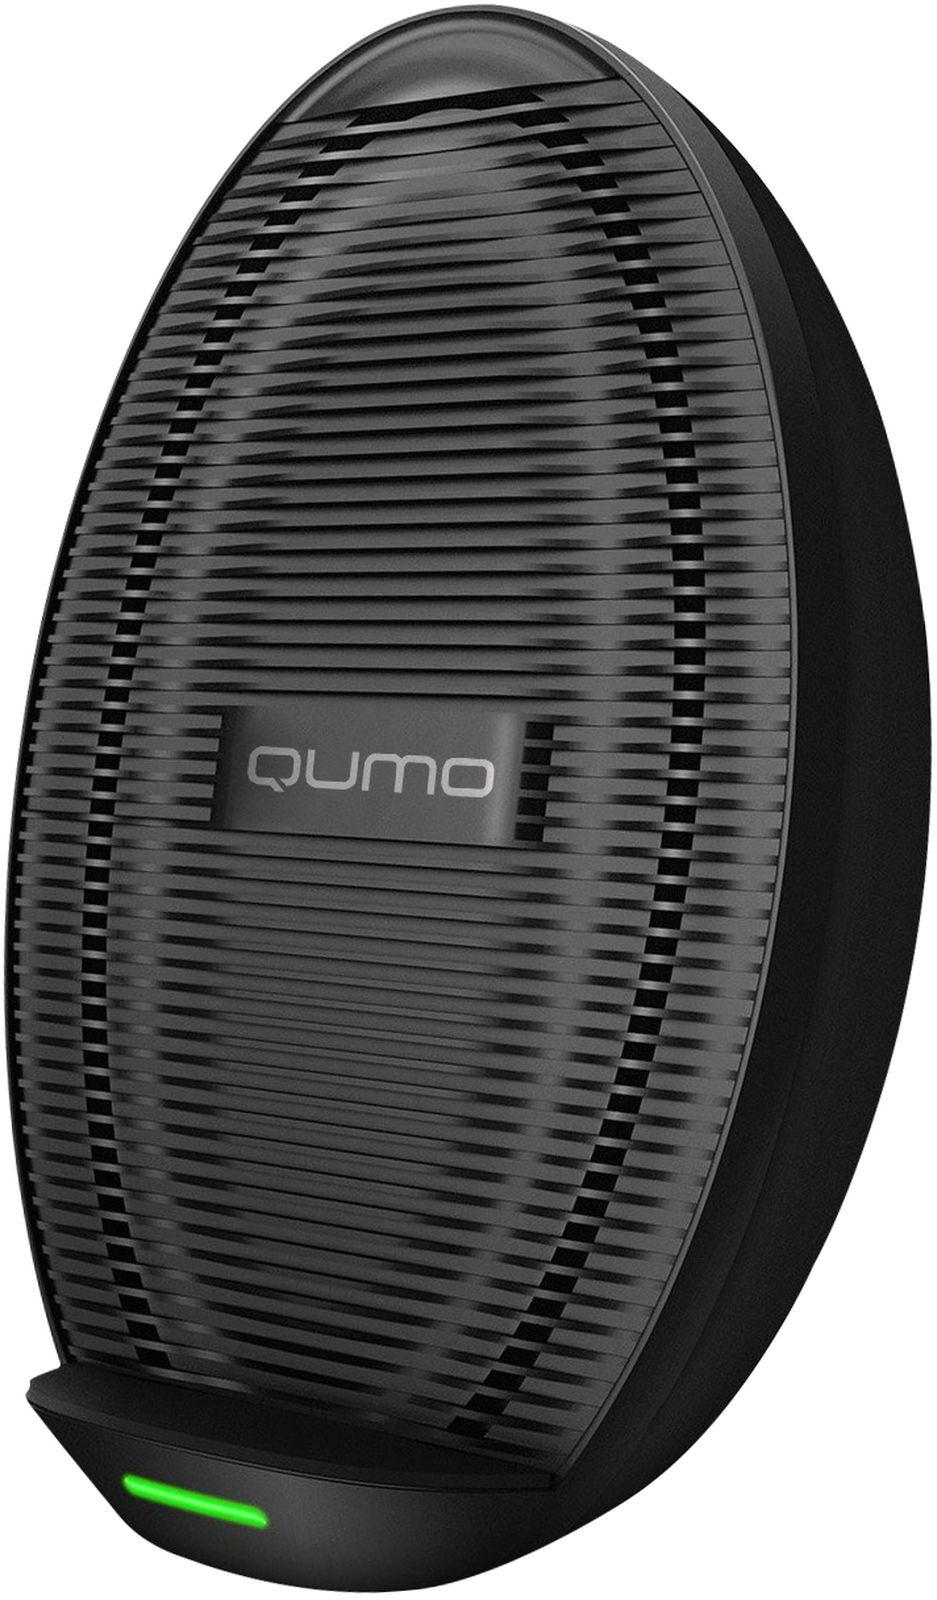 Фото - Беспроводное зарядное устройство QUMO PowerAid Qi Cold Charger 0014, 10 Вт, 3 контура, черный беспроводное зарядное устройство qumo poweraid qi dual i charger 0013 10 вт 1 контур черный